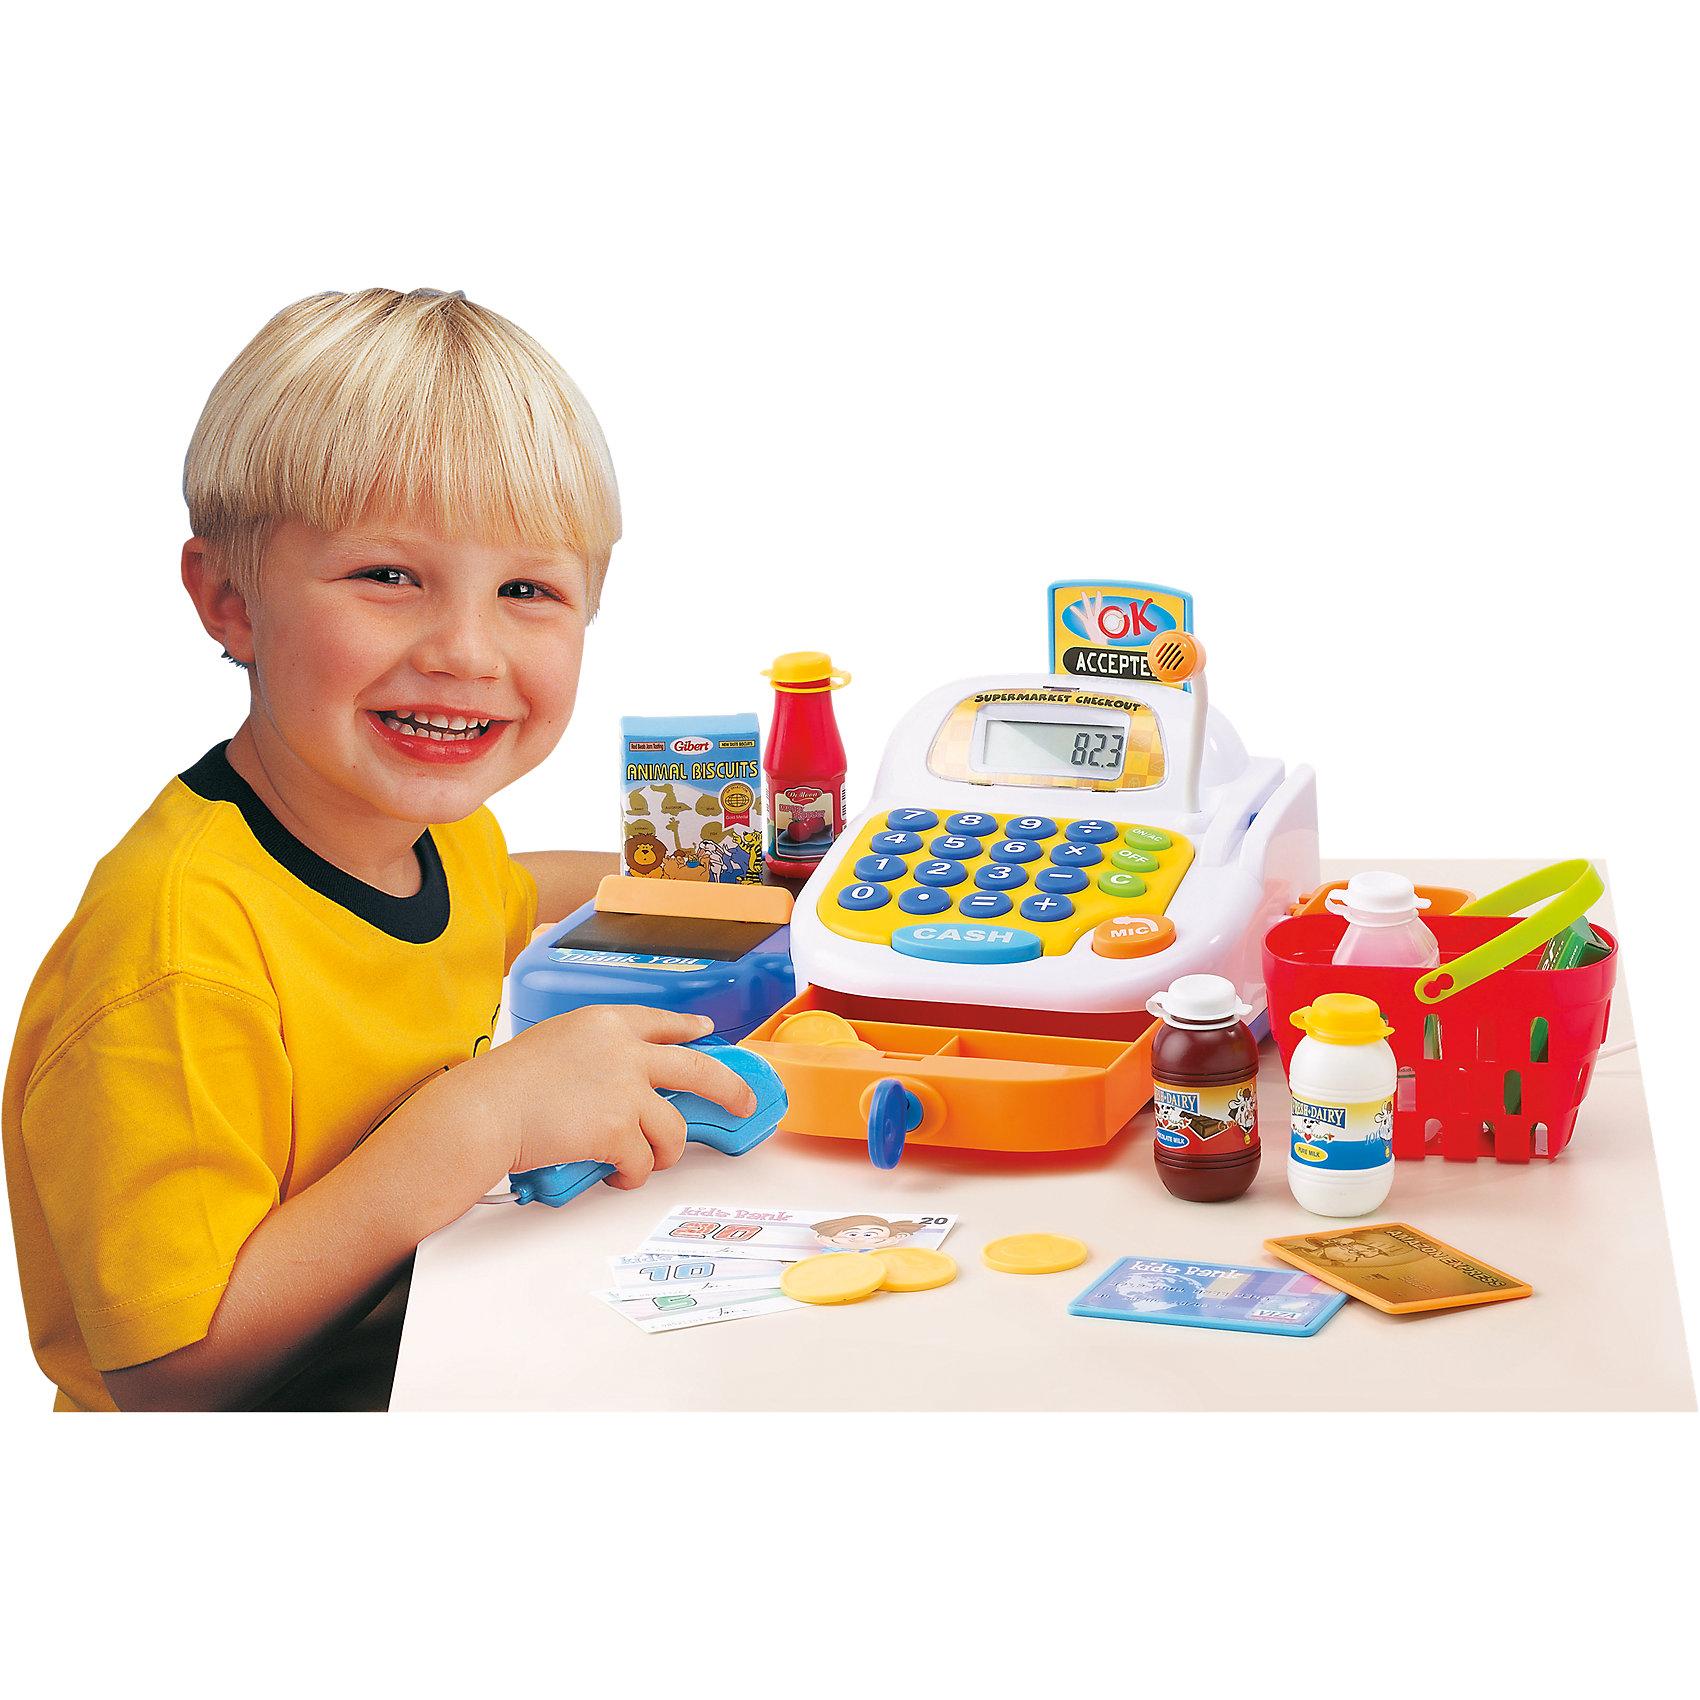 Набор Супермаркет, KeenwayФирма Keenway (Кинвэй) - известный производитель потрясающих наборов для сюжетно-ролевых игр. Малыши обожают ходить в магазин, с набором Супермаркет от Keenway (Кинвэй) можно создать целый магазин у себя дома. Главной особенностью игрушки является то, что помимо кассового аппарата в наборе есть множество интересных аксессуаров: продукты, корзинка, деньги, лента для продуктов и даже микрофон, который значительно усиливает голос. Кассовый аппарат снабжен экраном с функцией калькулятора: обучайте малыша счету играючи! Благодаря замечательному сканеру со светом и звуком маленький кассир быстро обслужит покупателей. Расплачиваться можно денежками и пластиковой картой, для которой в кассе тоже есть отделение. При проведении пластиковой карты раздается сигнал и выдвигается табличка об успешной операции. Денежки можно складывать в выдвигающийся ящичек, который закрывается на ключик. Собирайте друзей и играйте в супермаркет с помощью замечательного набора от Keenway (Кинвэй)!<br><br>Дополнительная информация: <br><br>- В комплекте: кассовый аппарат, муляжи продуктов, корзина для покупок, игрушечные деньги и банковская карта;<br>- Функция калькулятора;<br>- Звуковые эффекты;<br>- Дорожка для кредитки;<br>- Звуковой сканер;<br>- Потрясающий подарок;<br>- Тип батареек: 3 батарейки типа АА (в комплекте);<br>- Размер игрушки: 32 х 12 х 18 см;<br>- Размер упаковки: 21 х 35,6 х 16,5 см;<br>- Вес: 1,1 кг<br><br>Набор Супермаркет, Keenway (Кинвэй) можно купить в нашем интернет-магазине<br><br>Ширина мм: 345<br>Глубина мм: 200<br>Высота мм: 165<br>Вес г: 1200<br>Возраст от месяцев: 36<br>Возраст до месяцев: 84<br>Пол: Женский<br>Возраст: Детский<br>SKU: 4001680